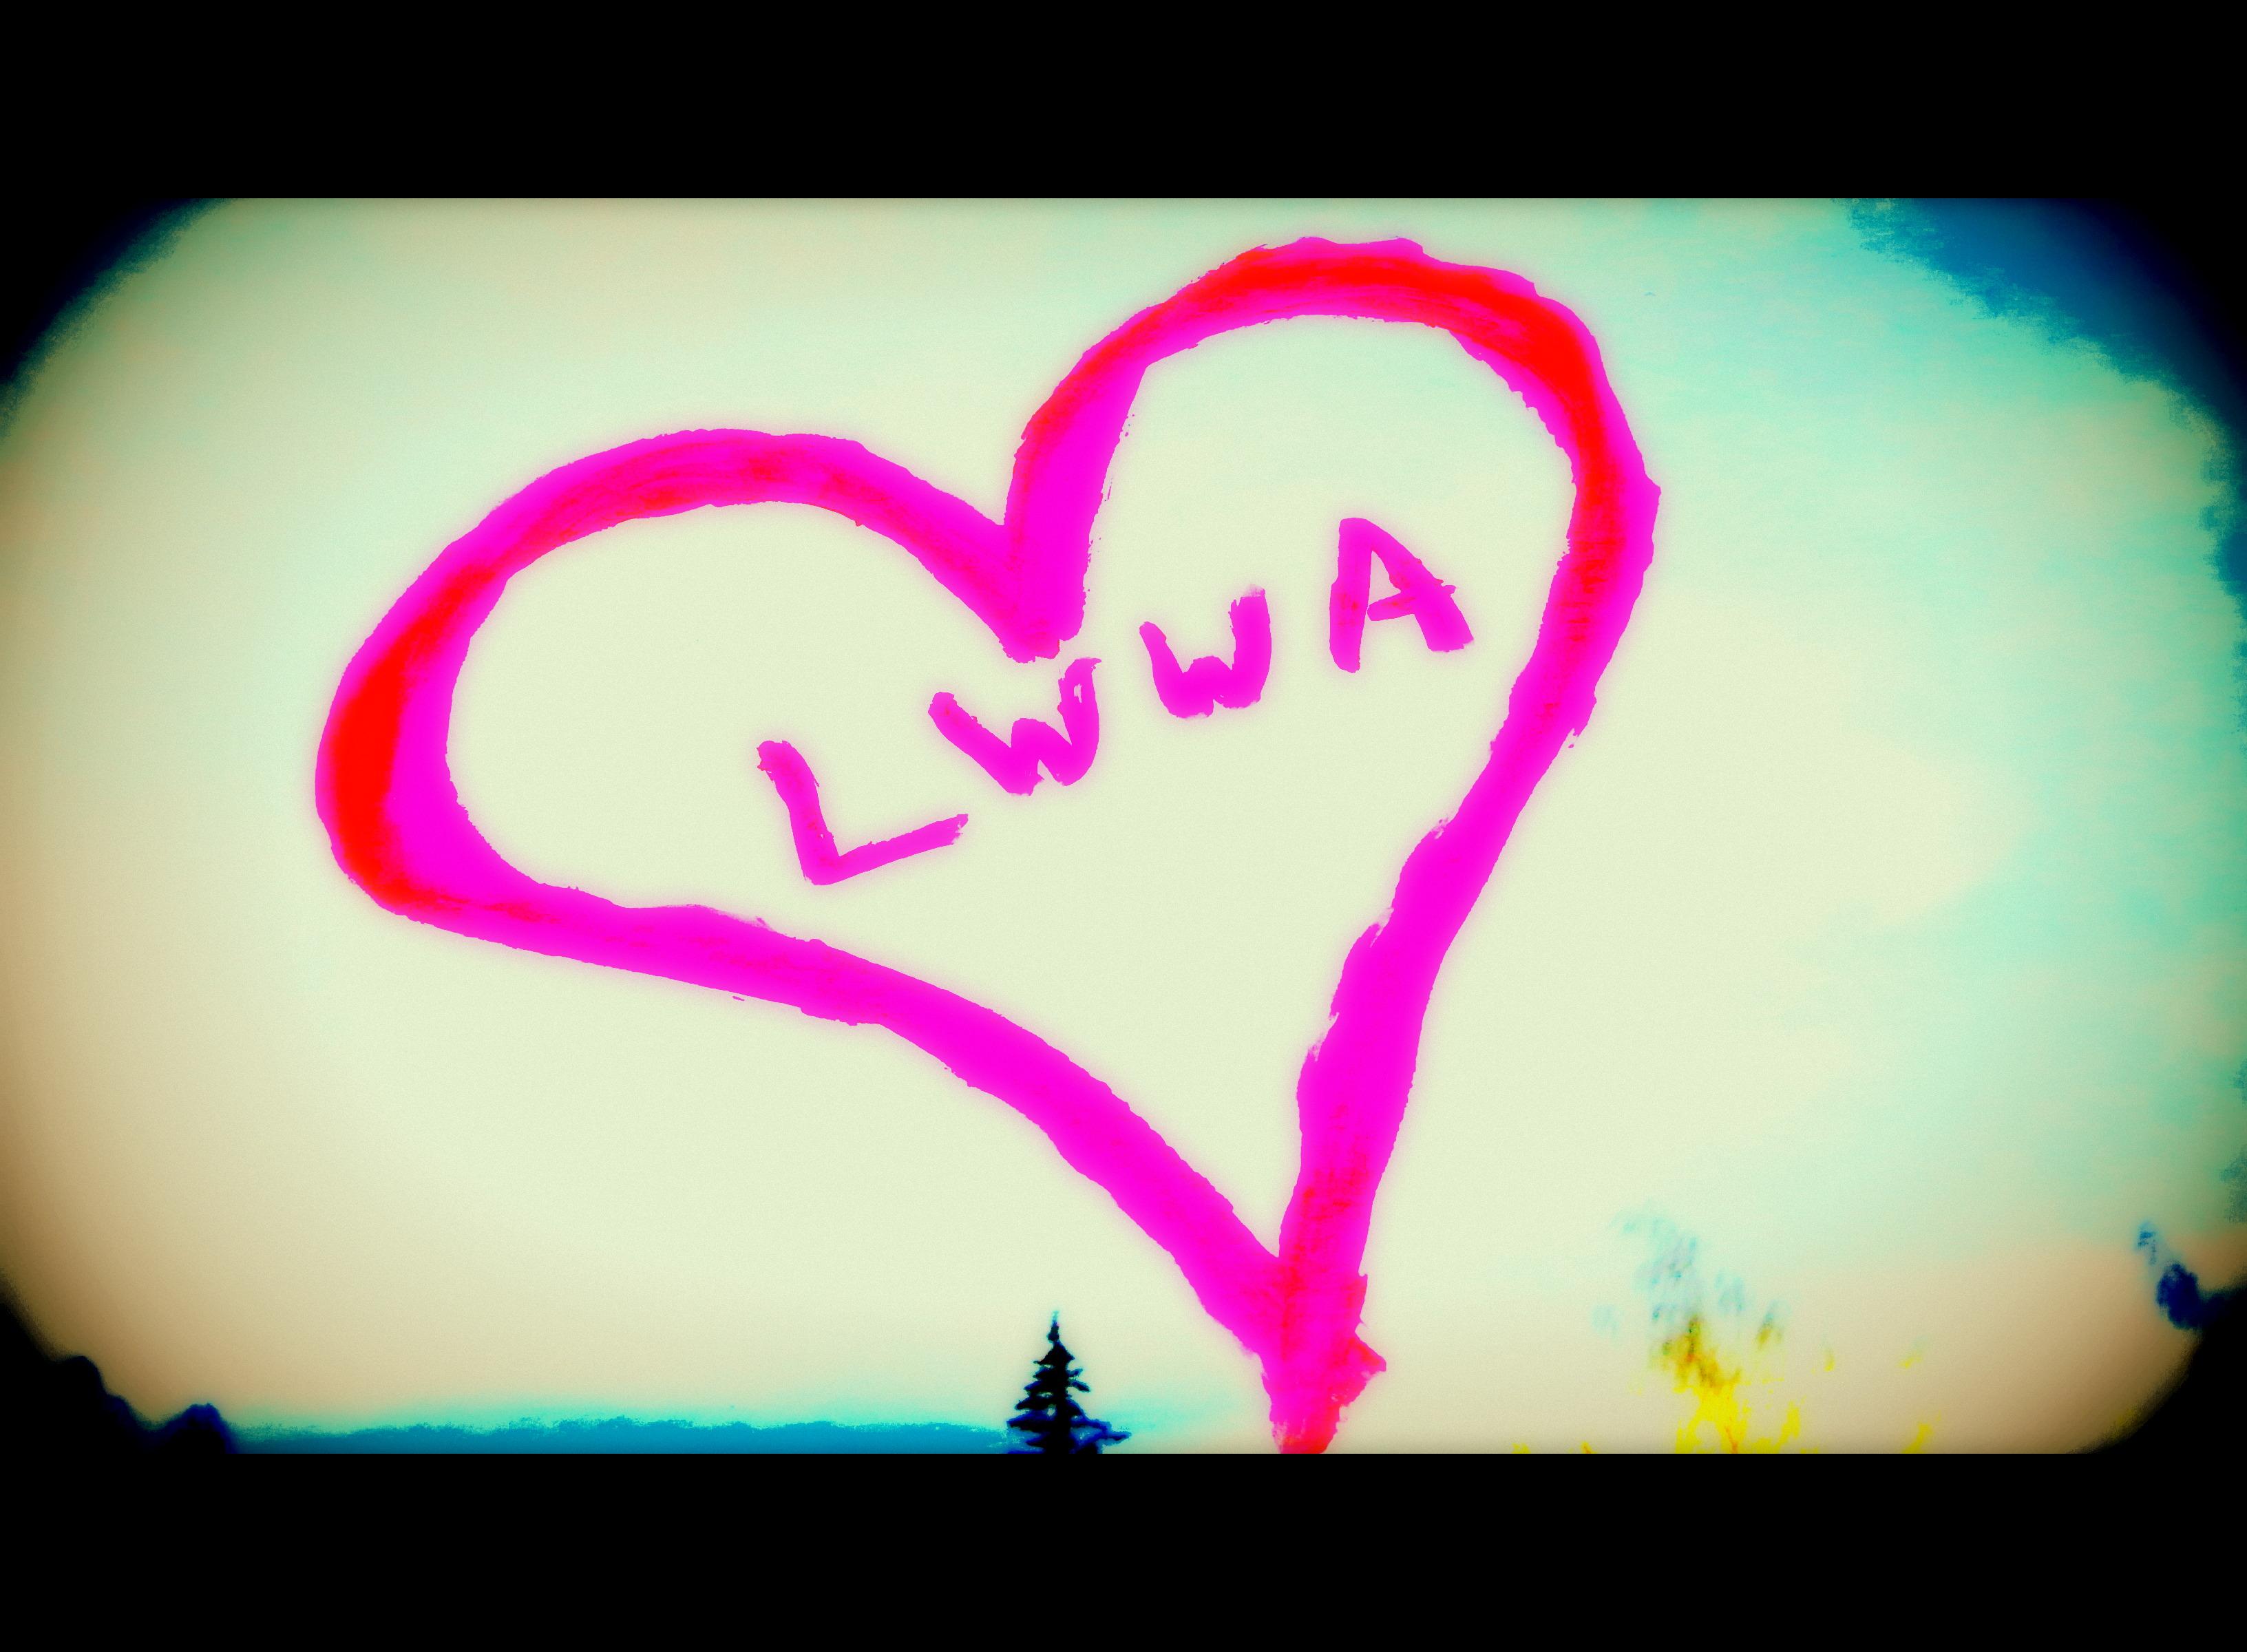 Heart_LWWA